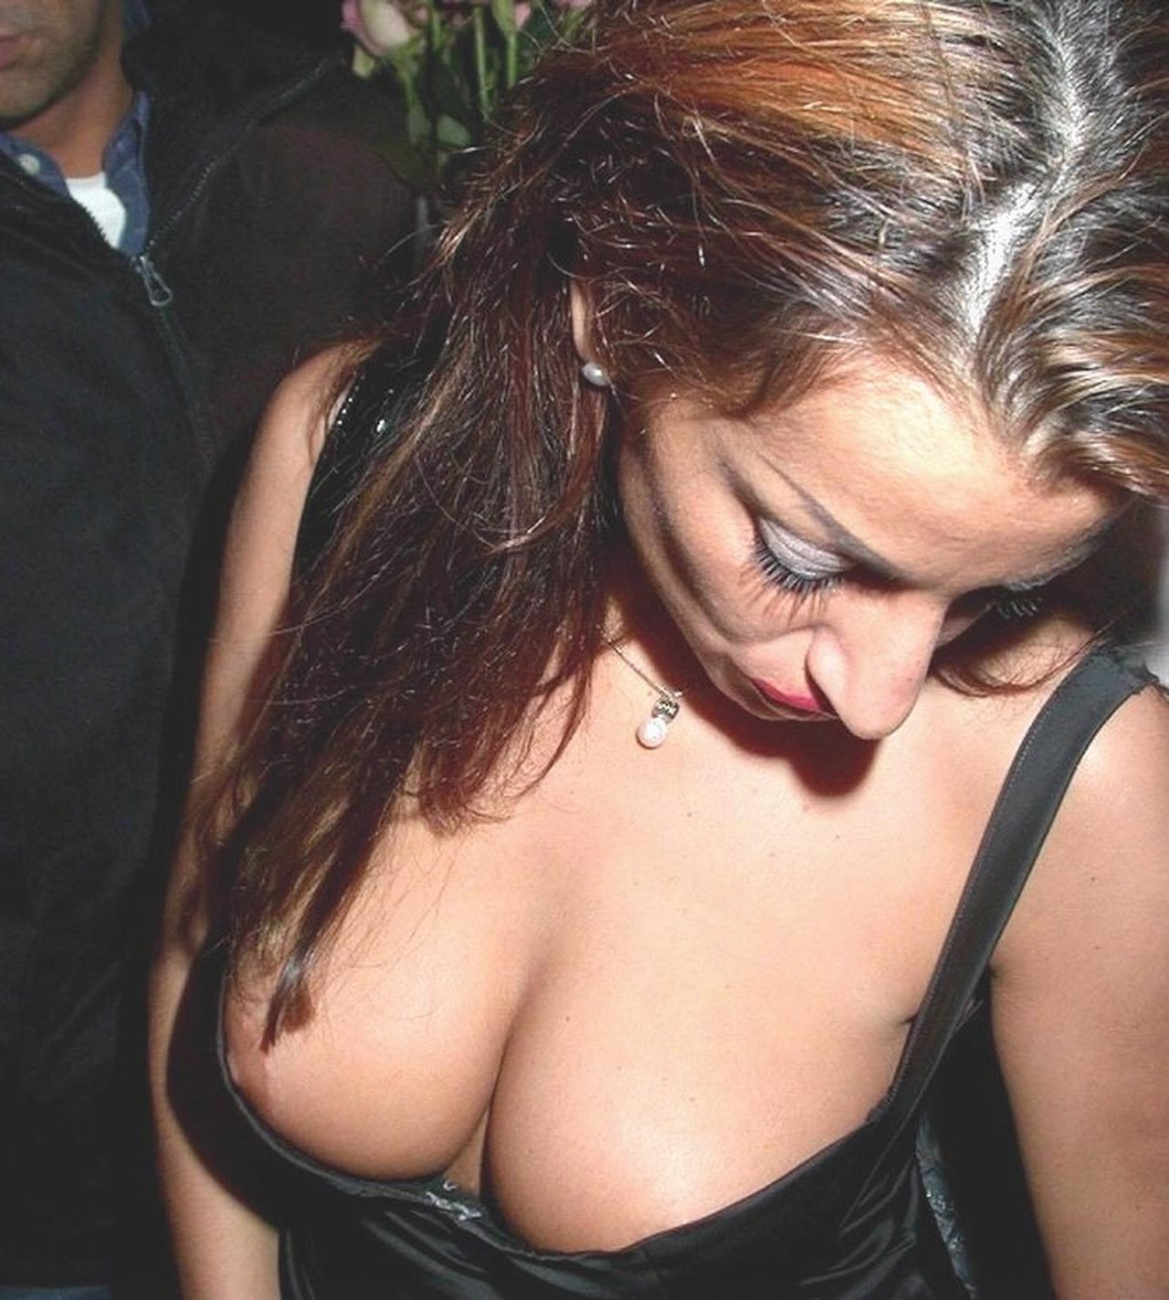 Nipple Slip Pics